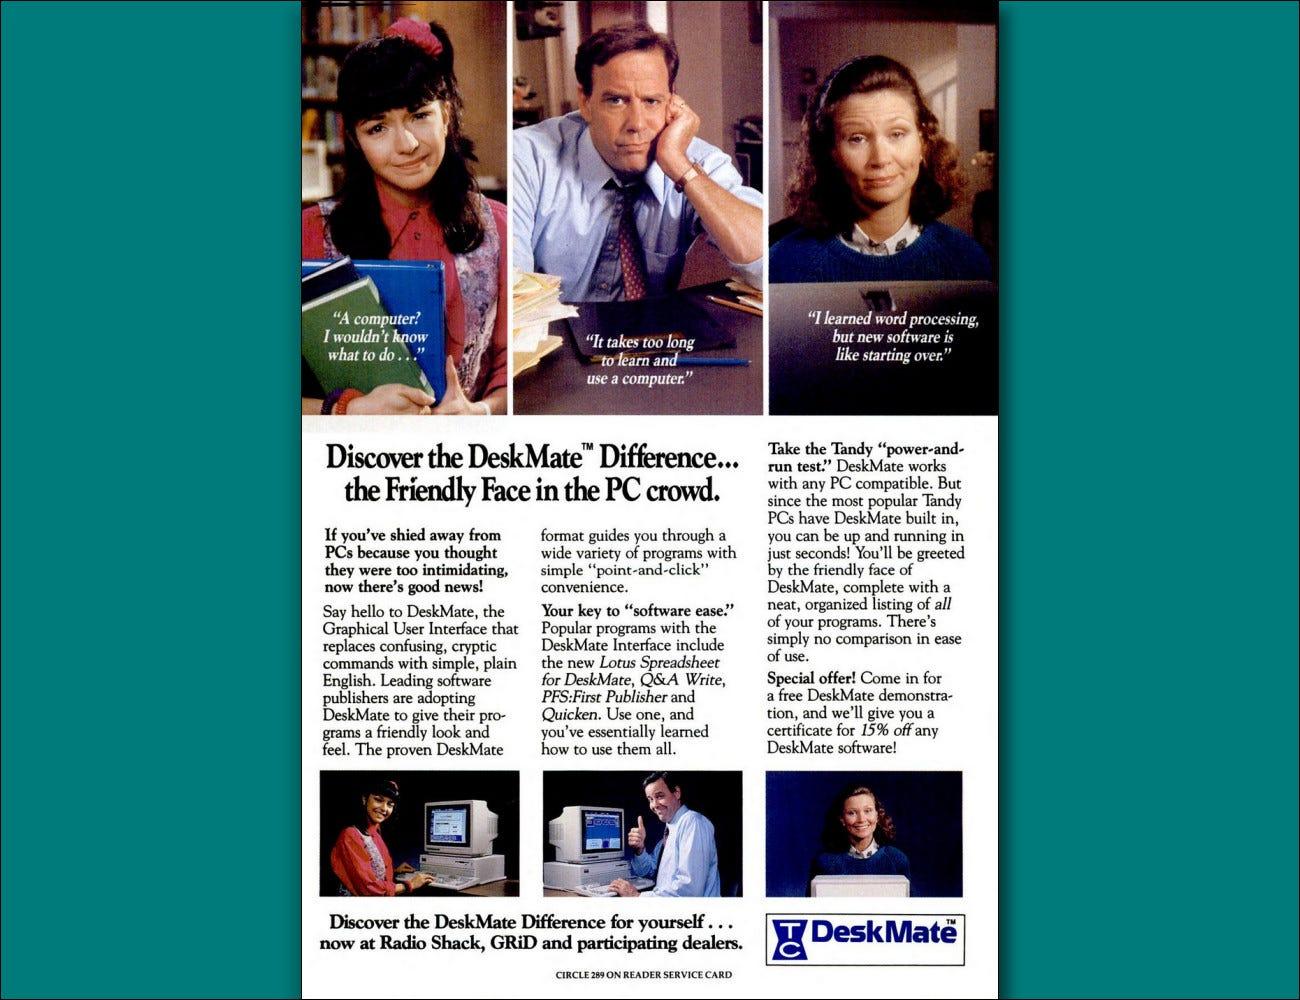 Une publicité dans un magazine de 1989 pour Tandy DeskMate.